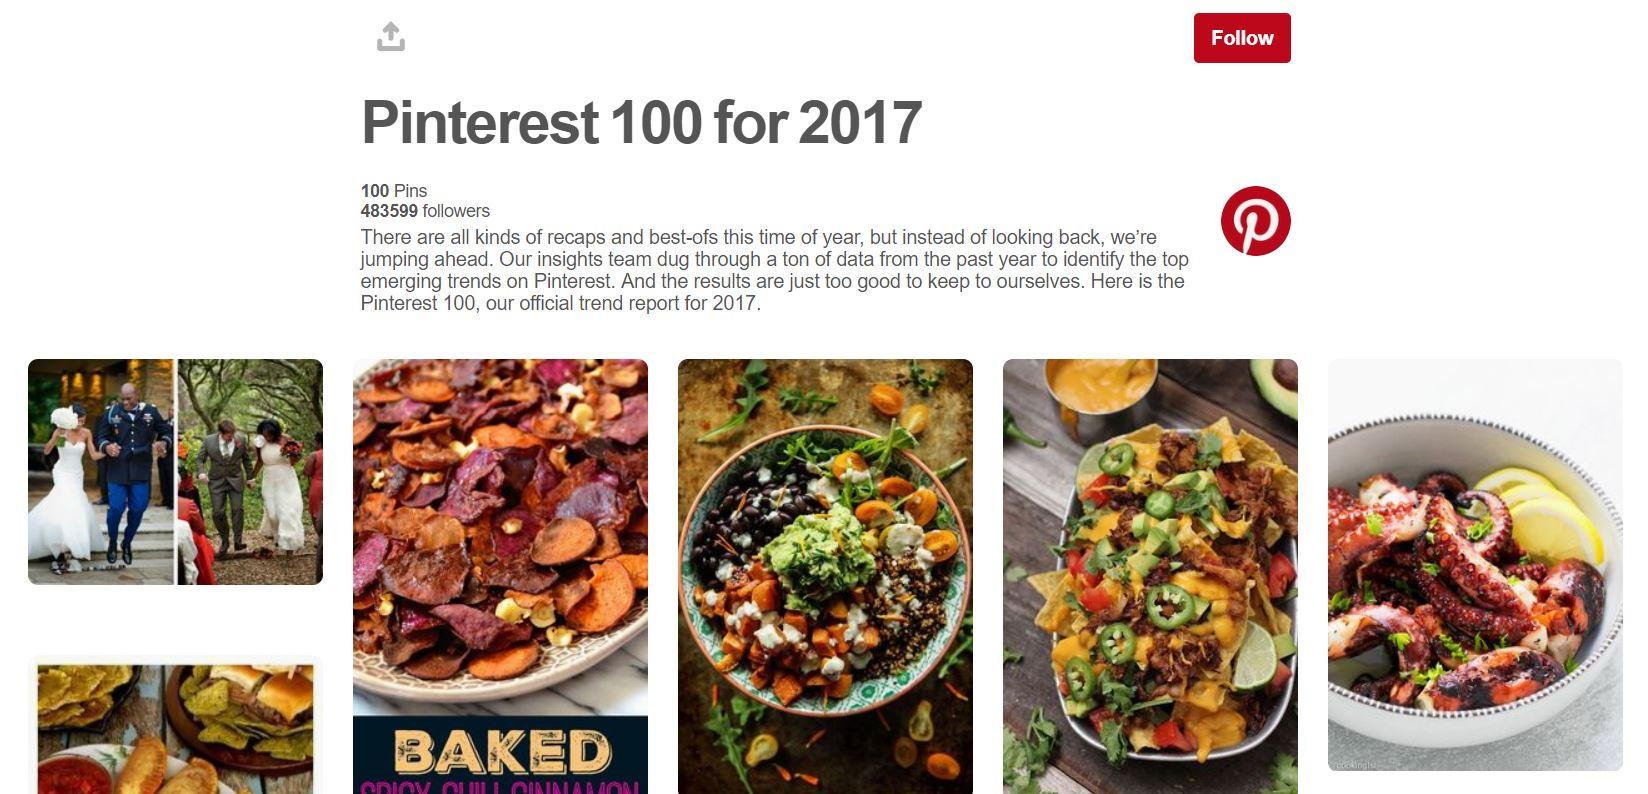 Pinterest 100 for 2017